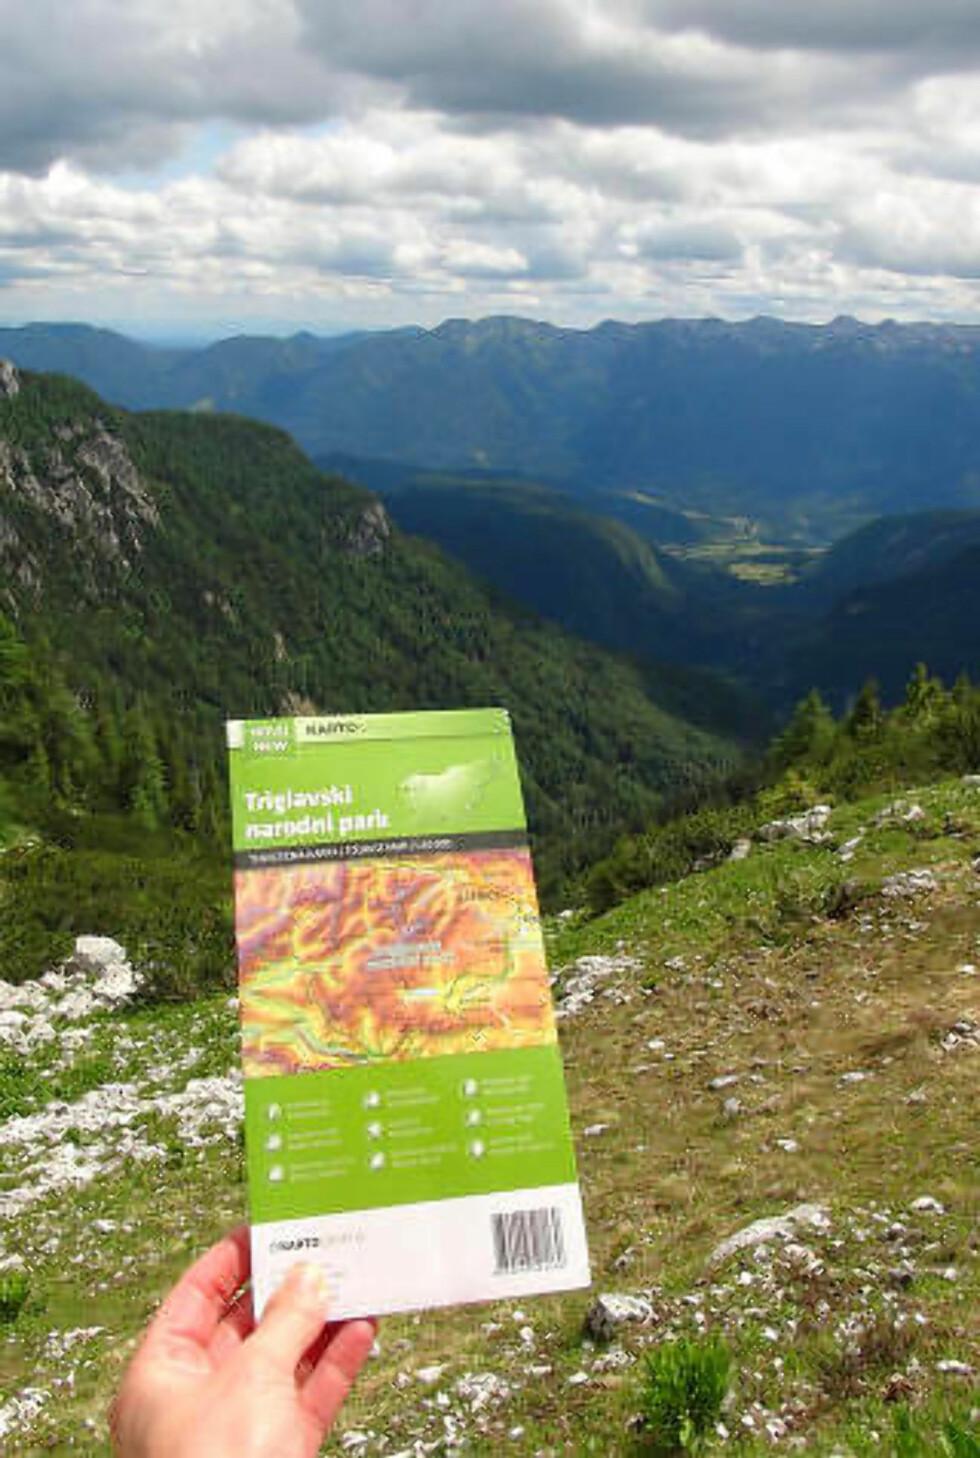 GODT MERKET: Det er rundt 10 000 kilometer med merkede løyper i Slovenia, mange av dem her i De julianske alper. Og alle områdene har gode kart. Foto: RONNY FRIMANN OG TORILD MOLAND